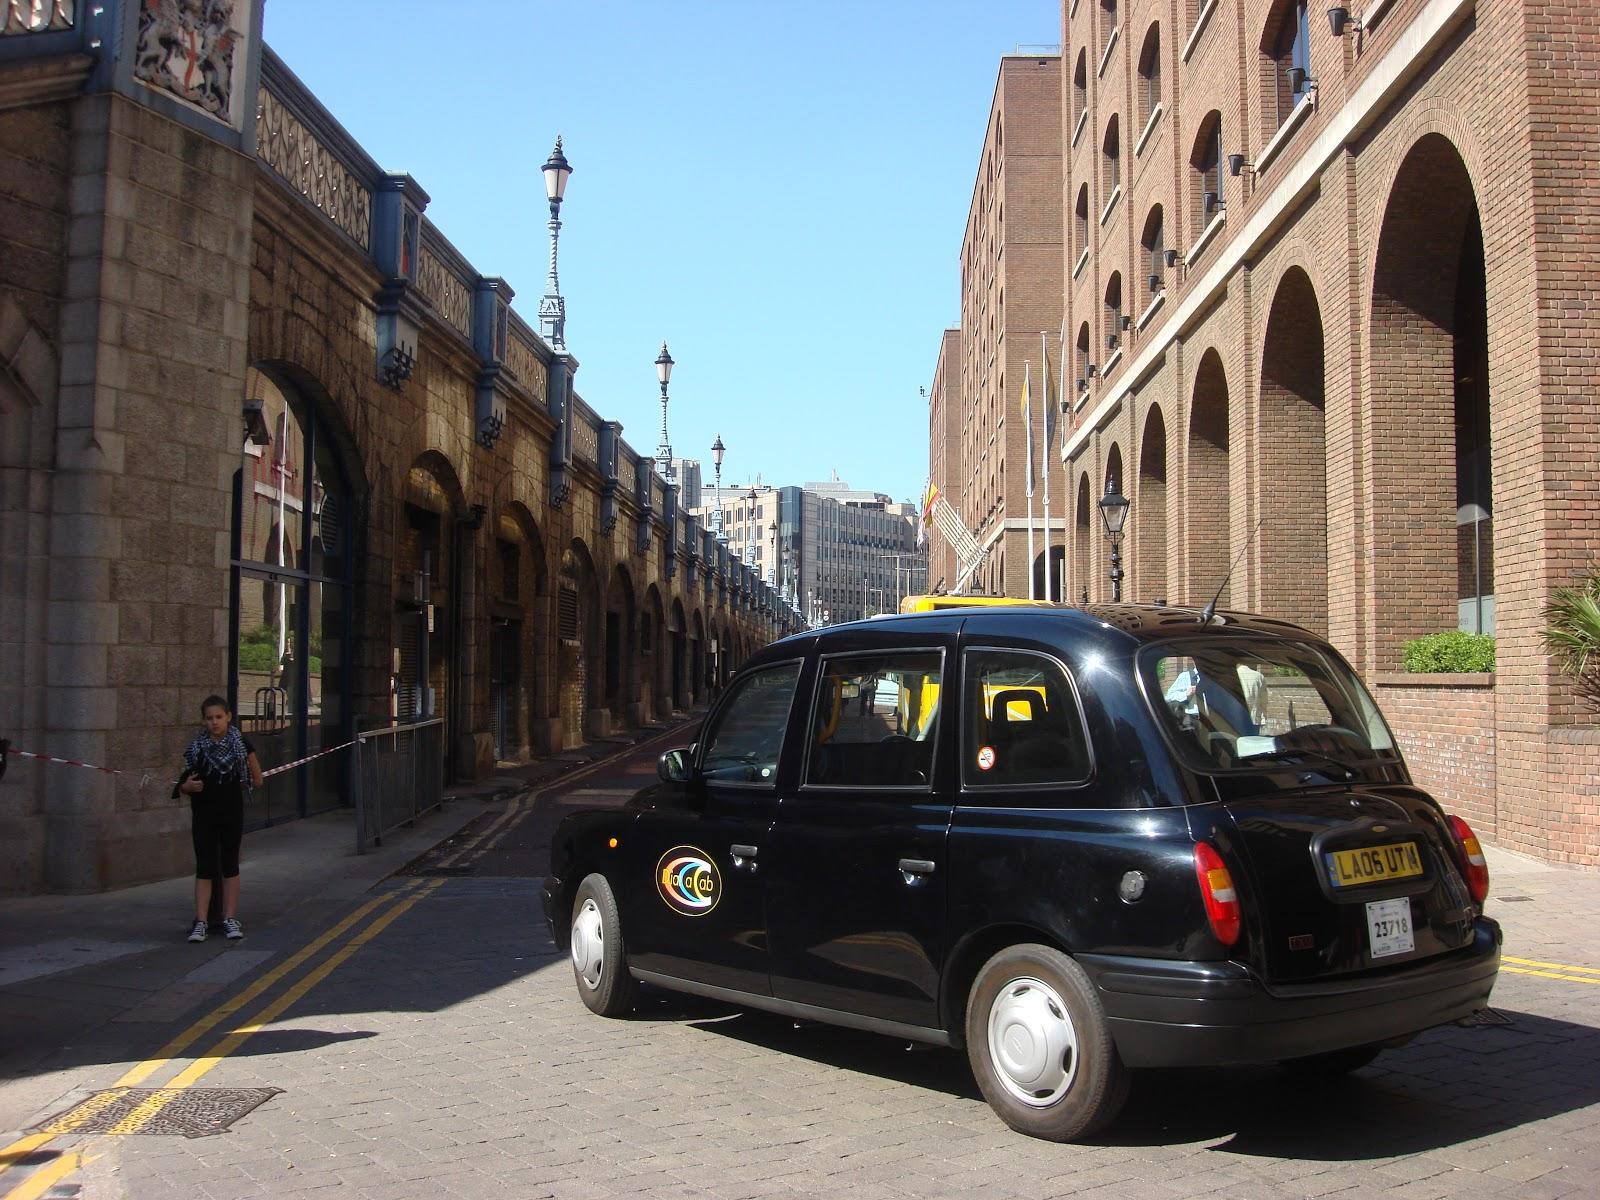 ロンドン市街のブラックキャブの左後方の車体